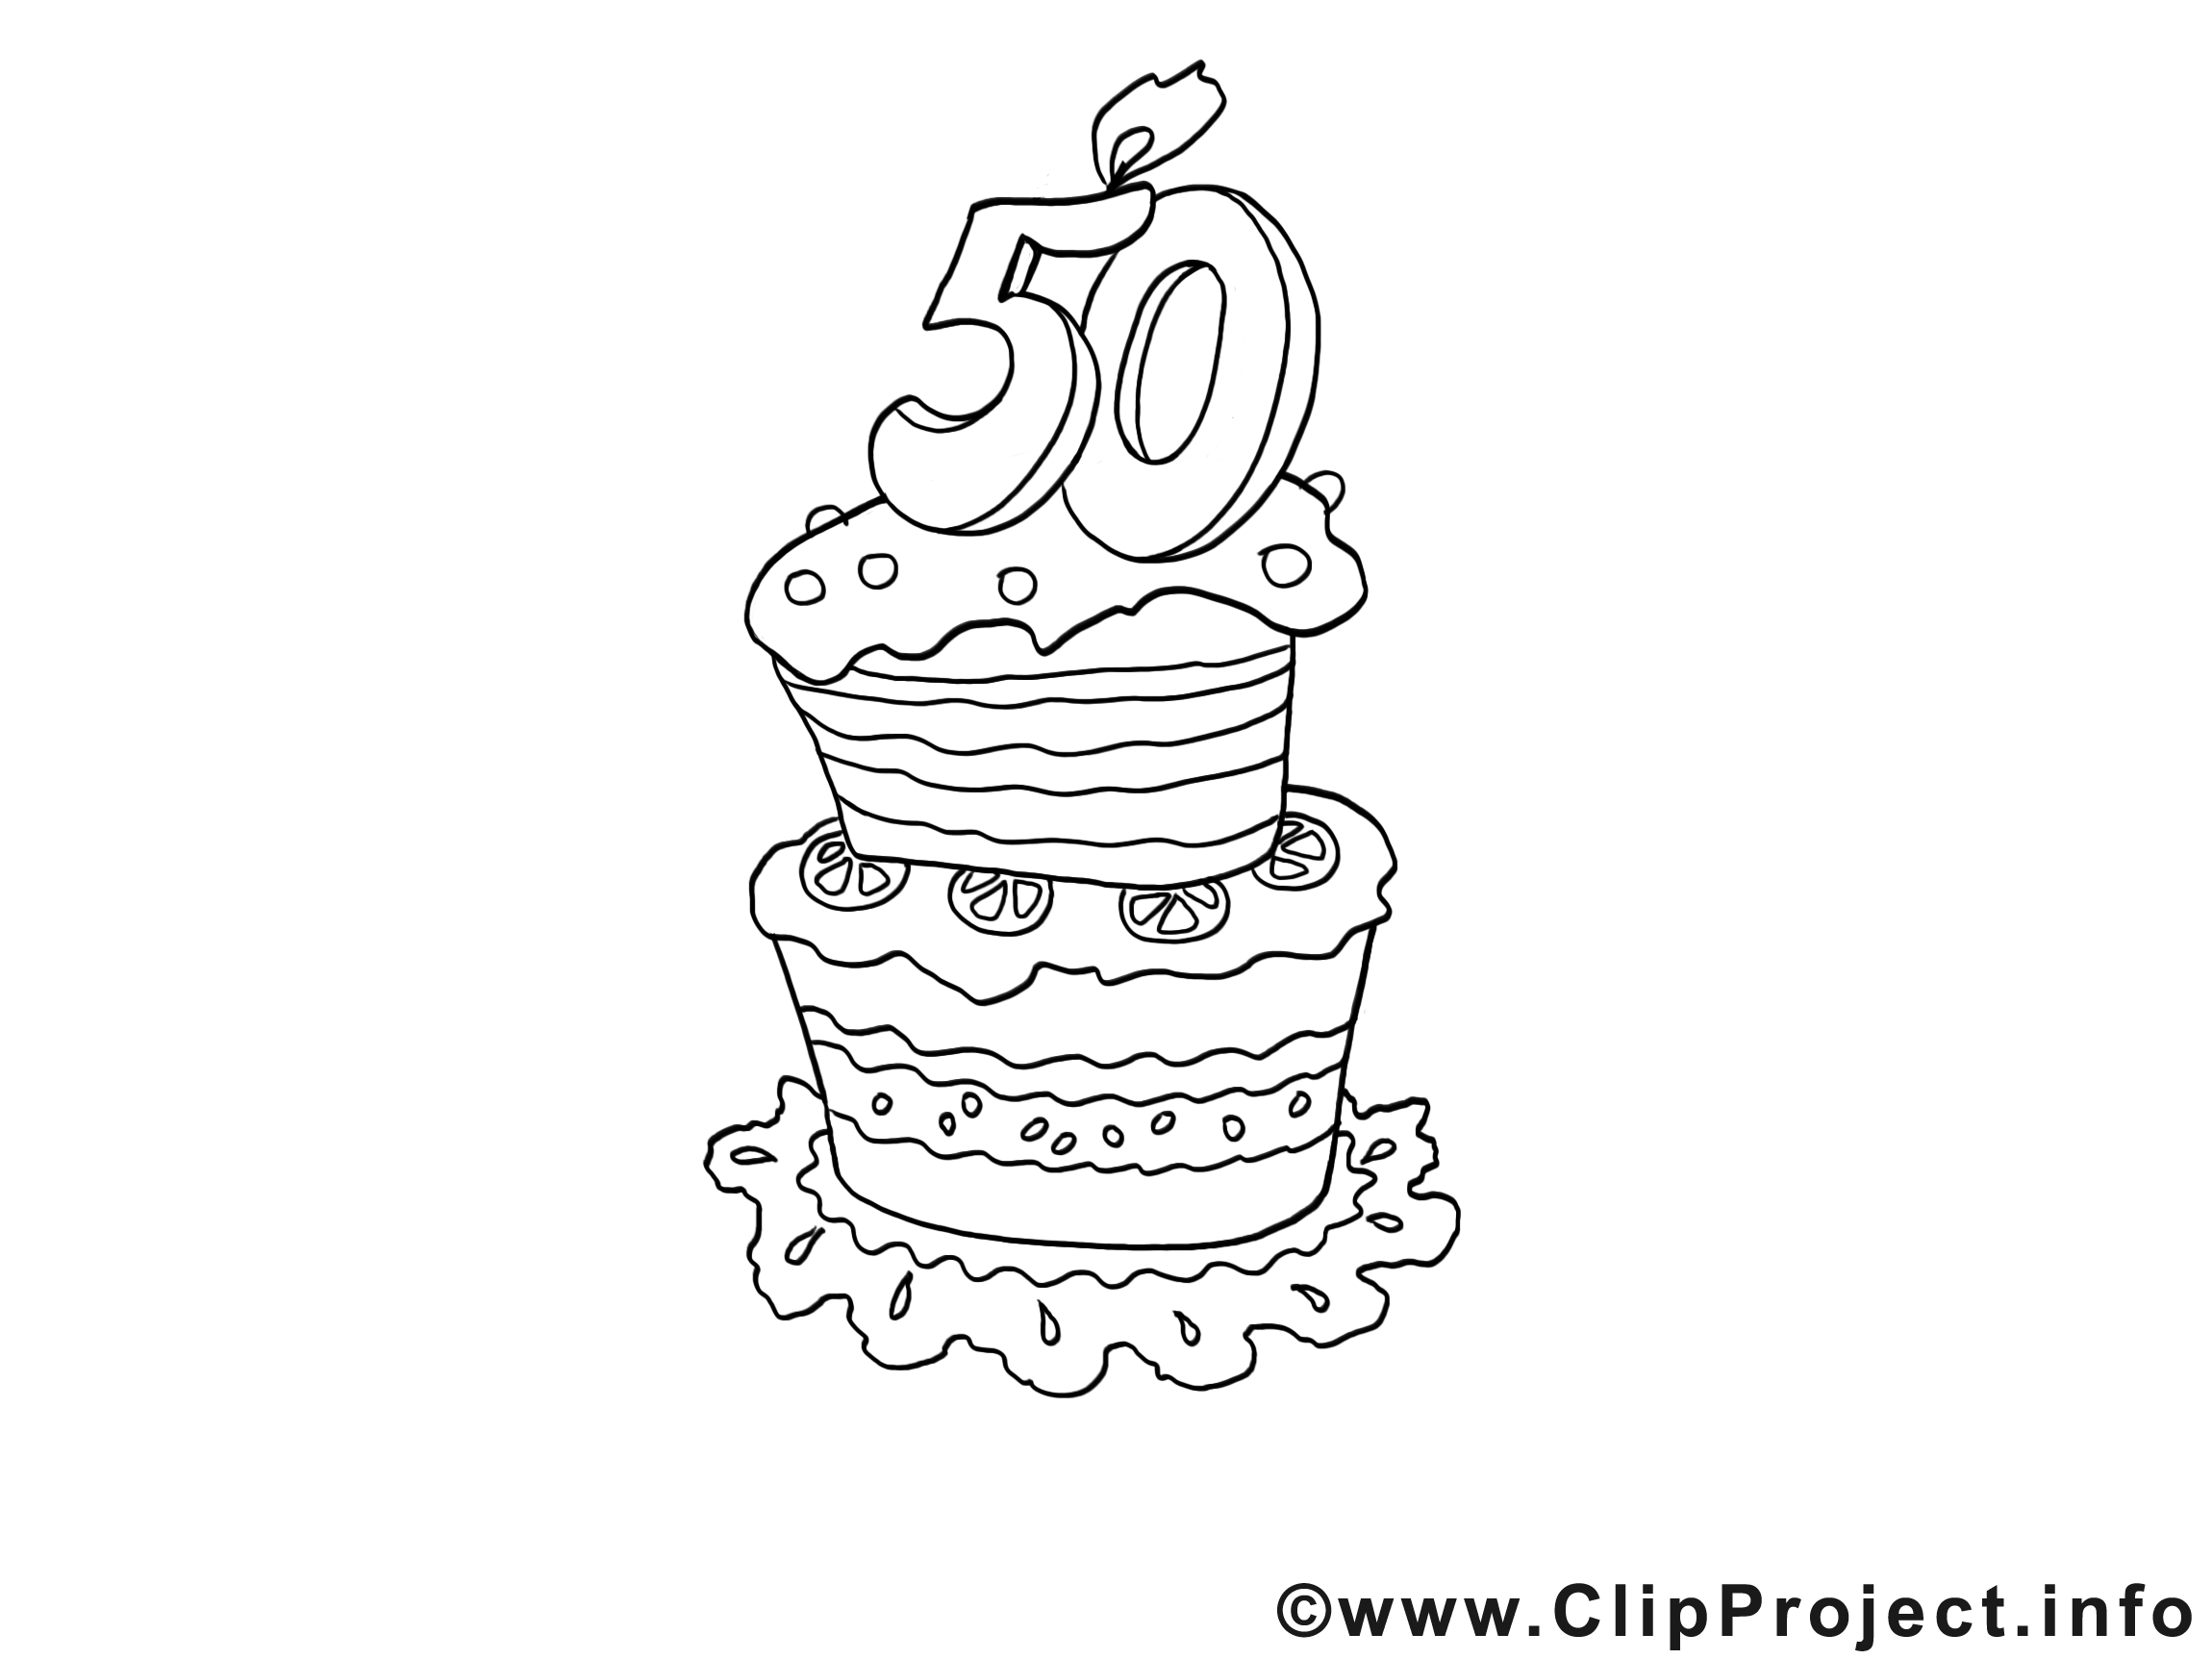 Coloriage anniversaire de mariage 50 ans - Dessin gateau anniversaire 50 ans ...